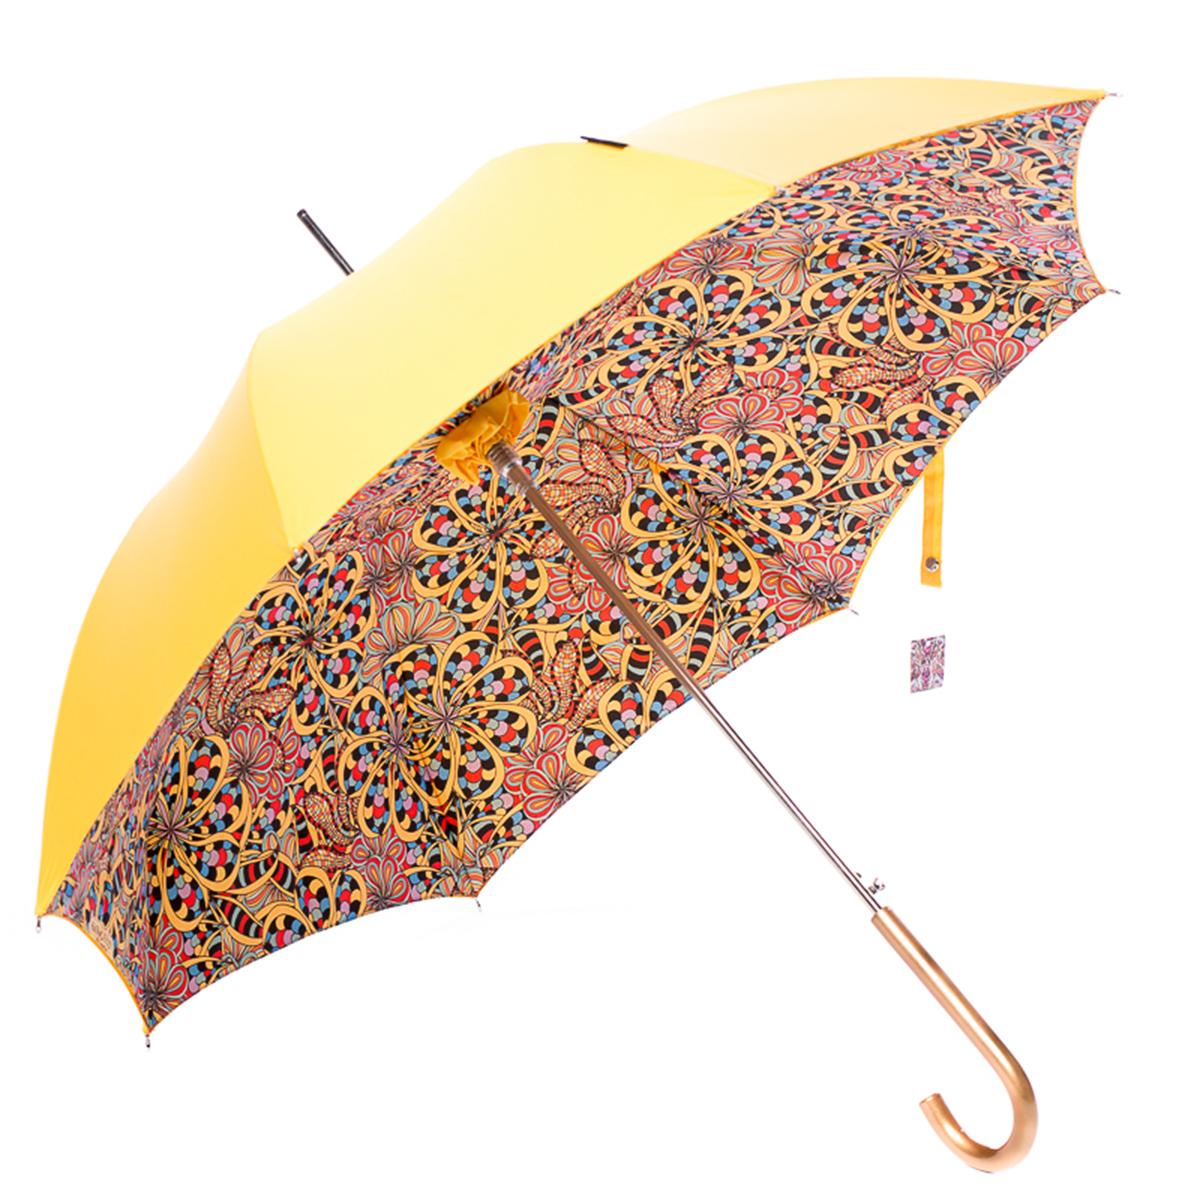 Зонт-трость женский Slava Zaitsev, цвет: желтый. SZ-069/1 DoubleREM12-BLACKДвухкупольный зонт-трость с дизайном В.М. Зайцева. Внешний купол однотонный, внутренний с дизайном. Спицы спрятаны между двуми слоями ткани. Автоматическое открытие, спицы и шток из высококарбонистой стали. Ткань - полиэстер. Диаметр купола 105 см по нижней части. Длина в сложенном состоянии - 95 см.